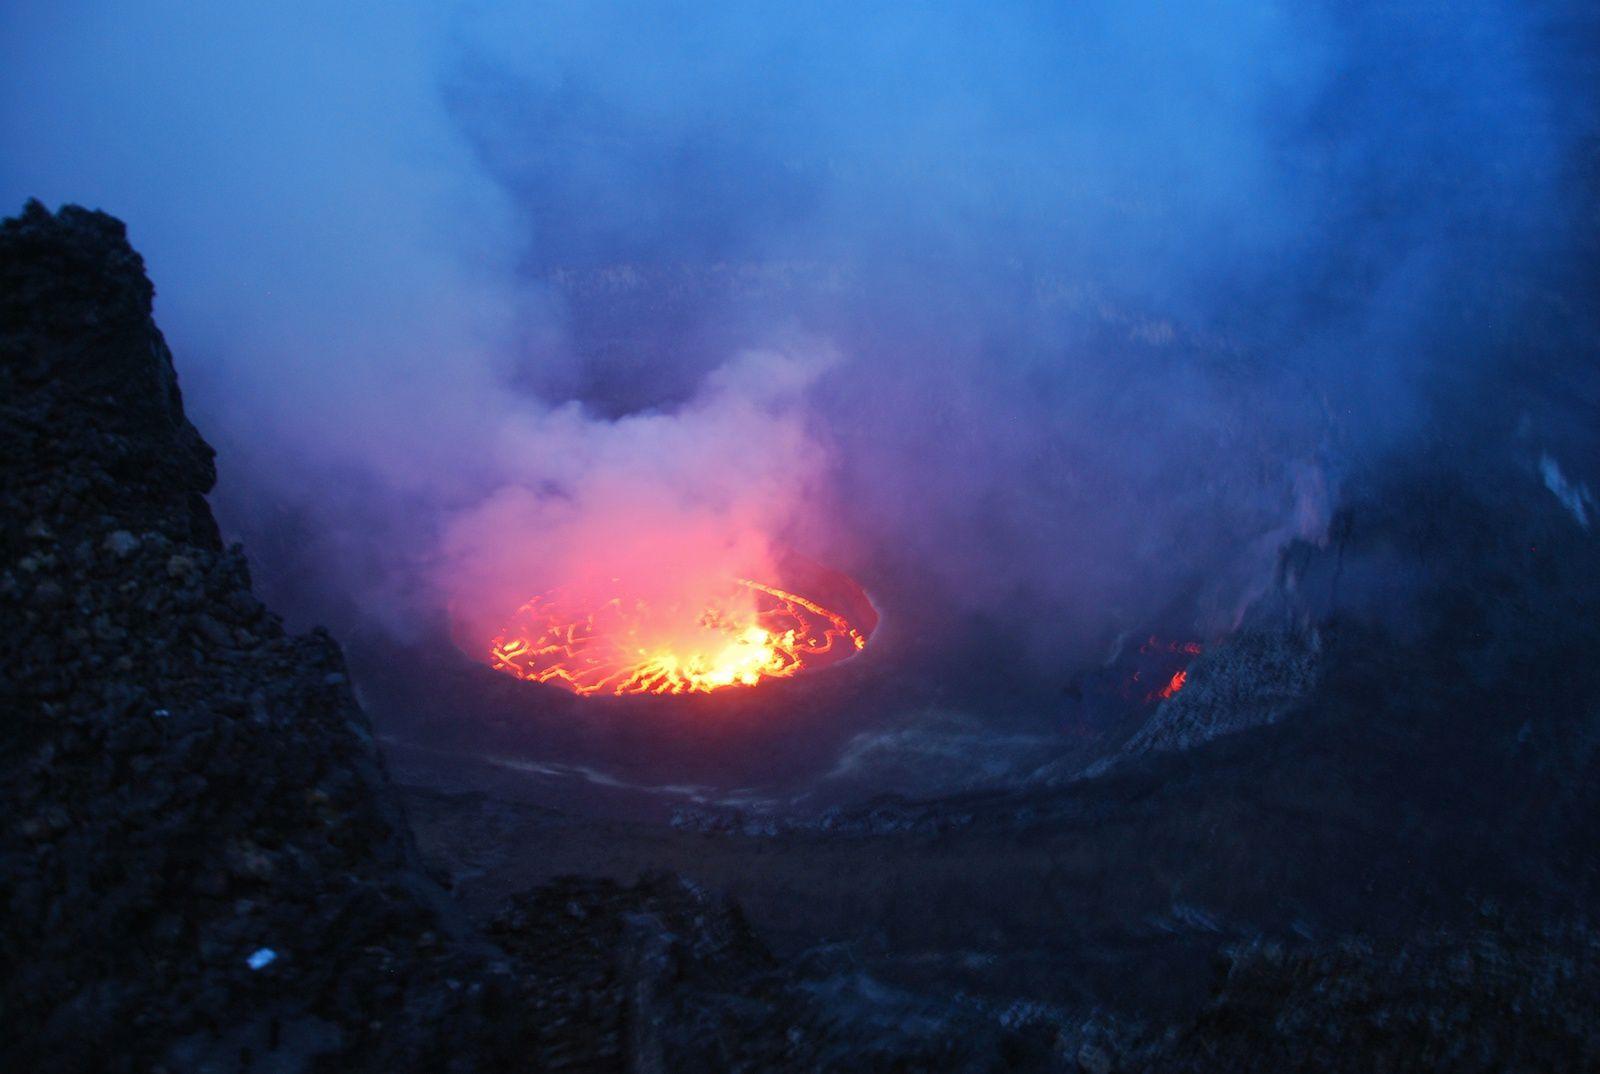 Nyiragongo - 01.03.2016 - ouverture d'un évent sur la partie Est de la terrasse (à droite du lac de lave) - photos OVG Goma - un clic pour agrandir.